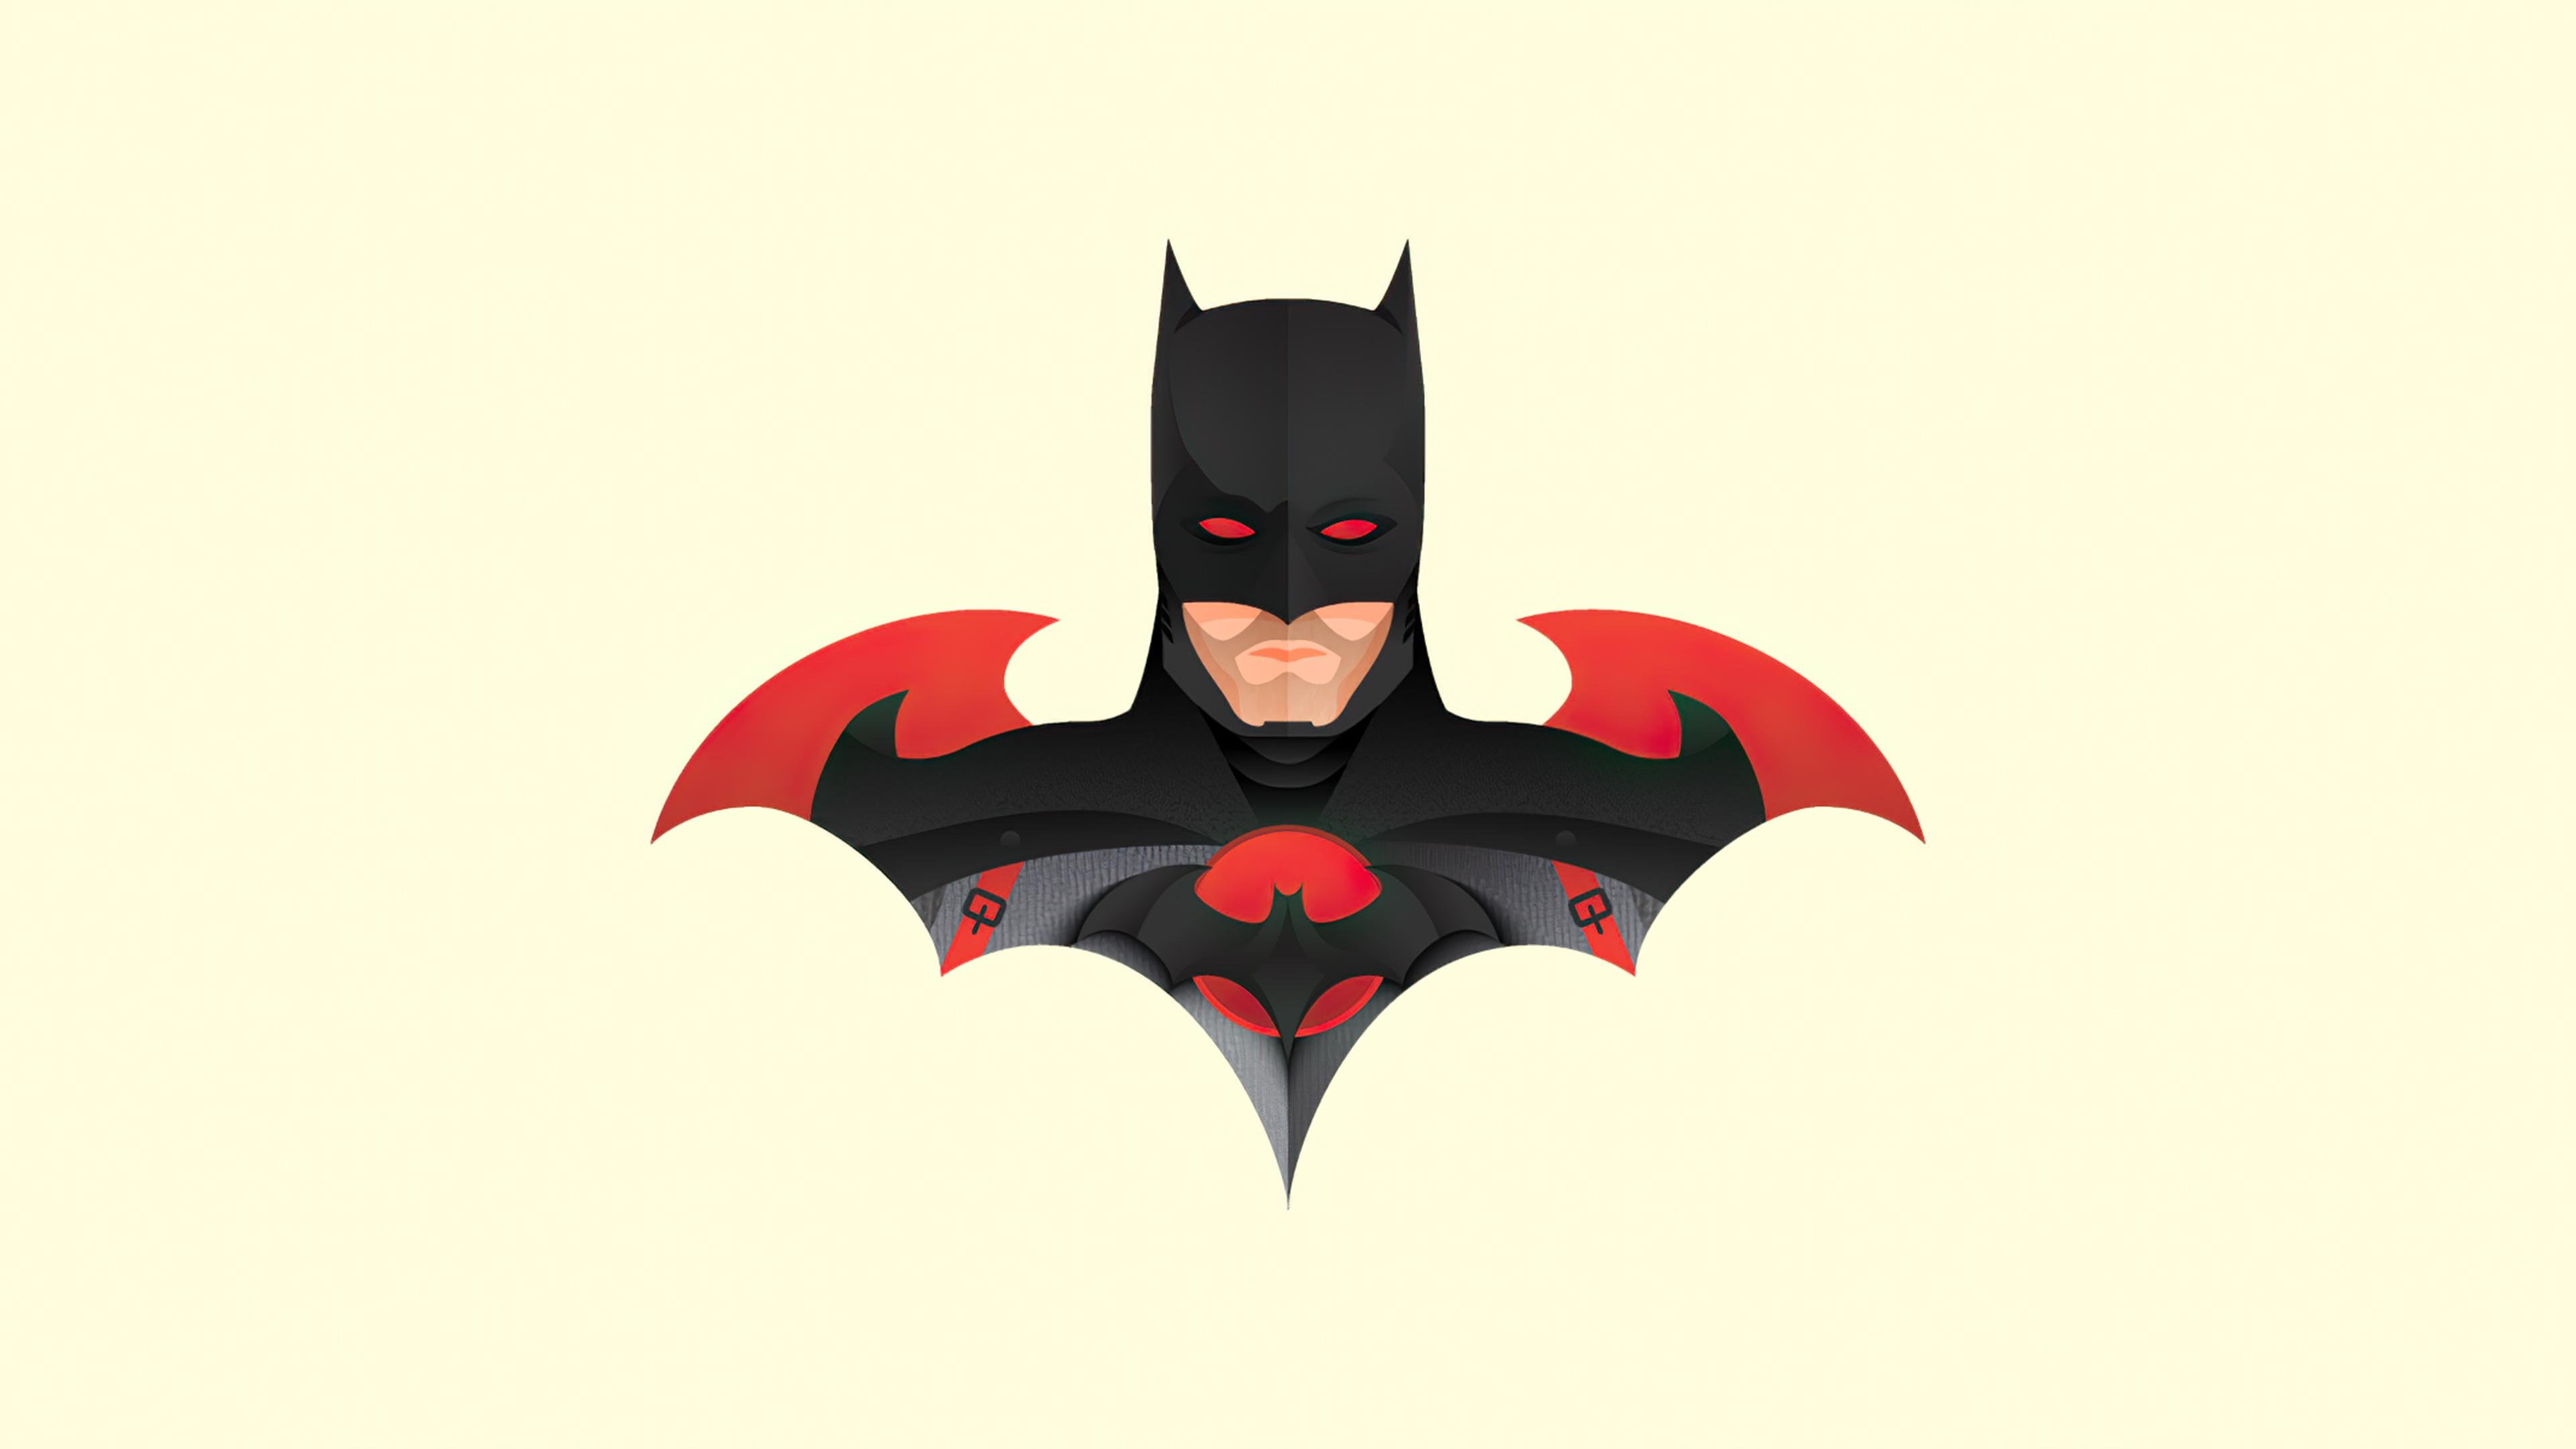 Fondos de pantalla Ilustracion Minimalista de Batman